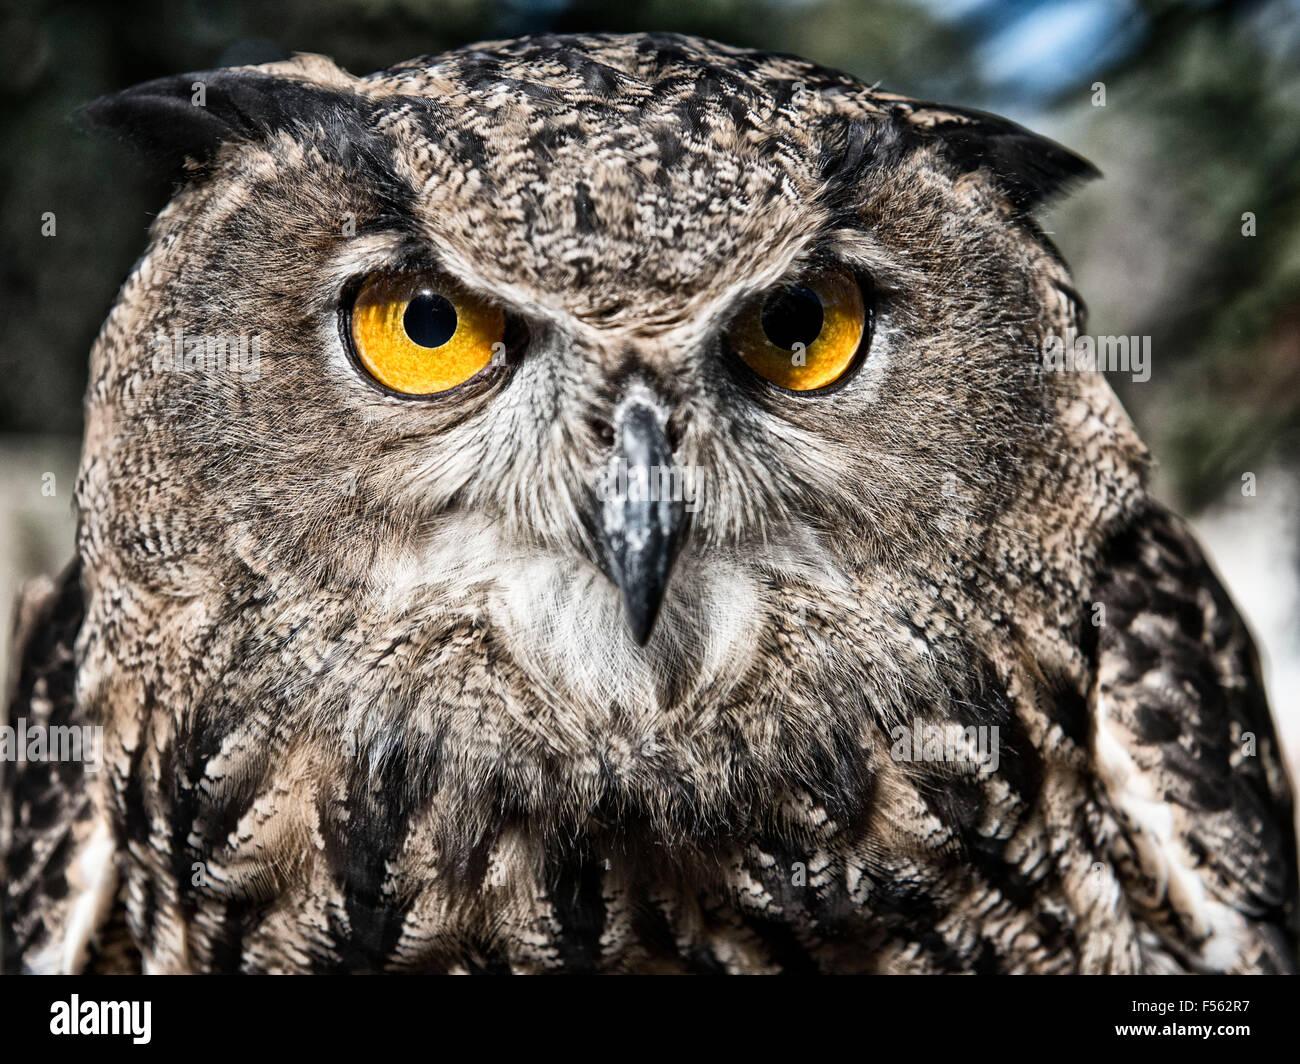 Bengalenuhu, Indischer Uhu, bubo bangalensis, Buho de Bengala, Buho Real Indio, eagle owl, indian eagle owl - Stock Image